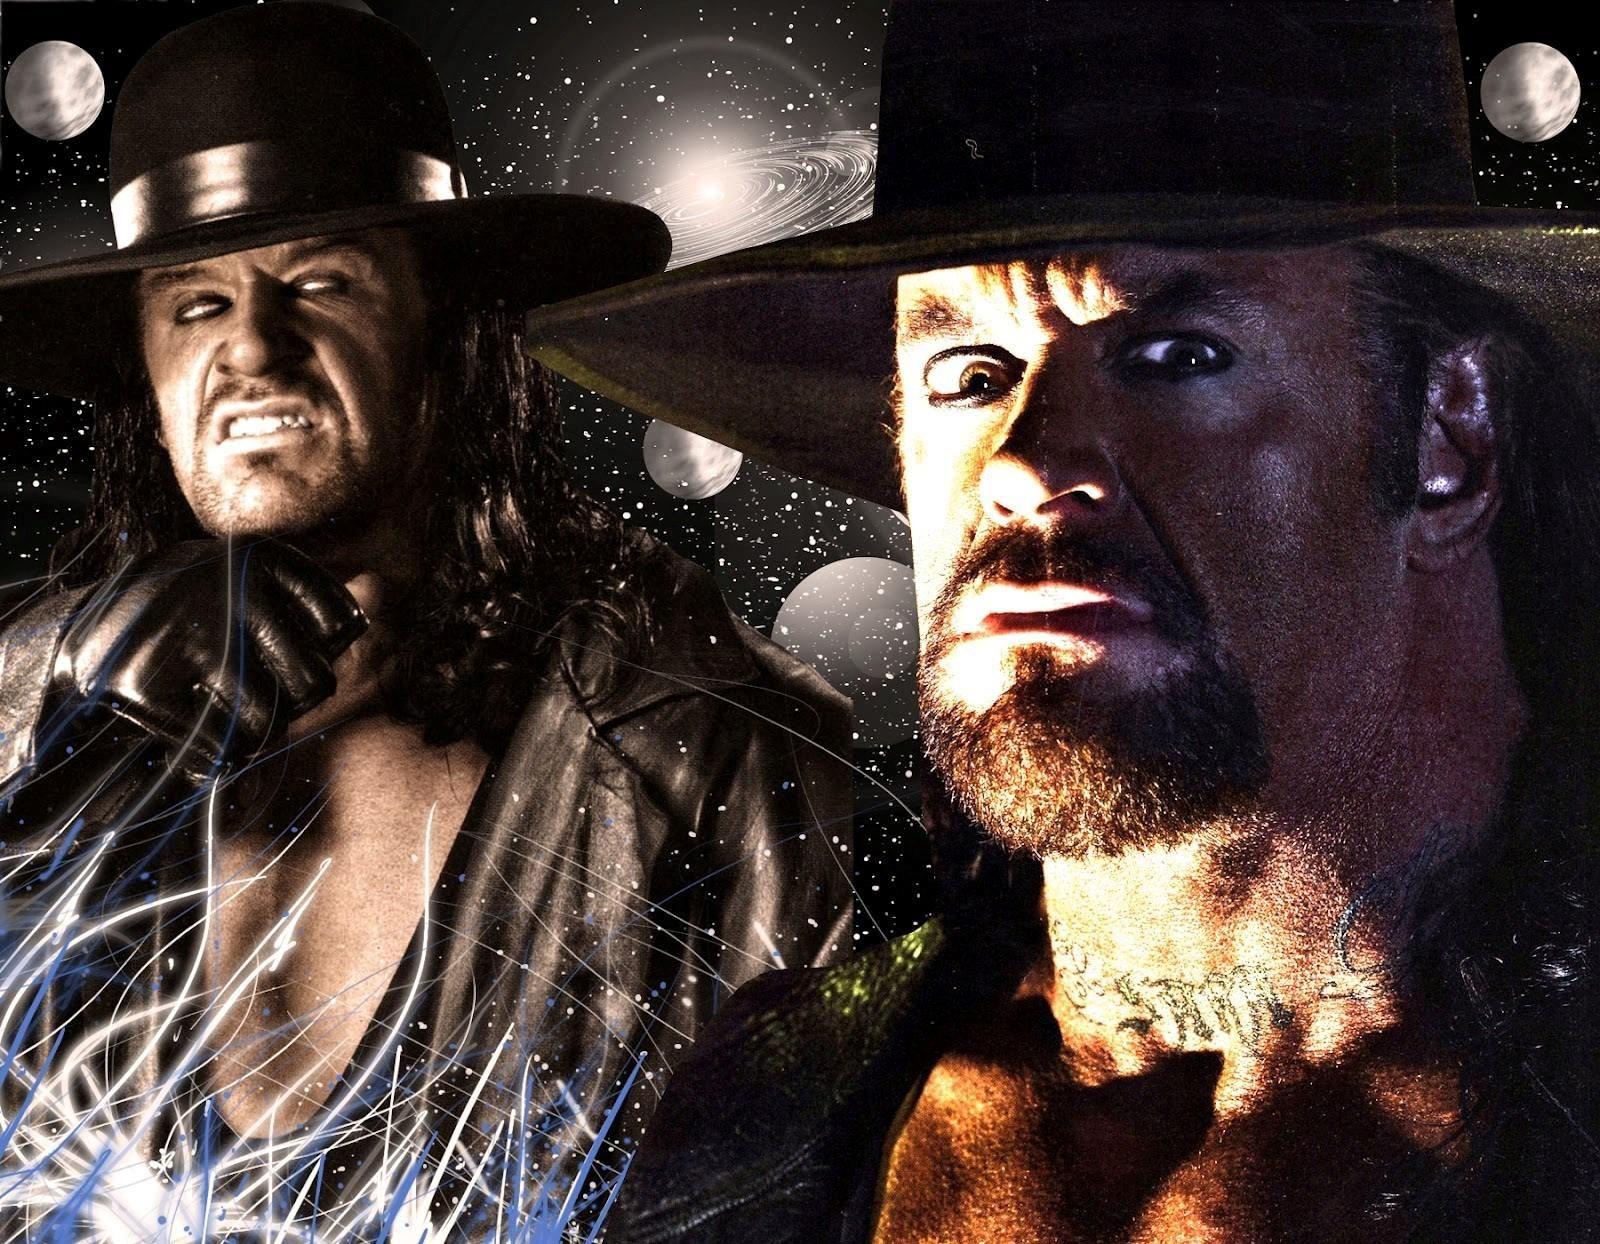 Hd Wwe Undertaker Wallpaper Download Free 143699 Undertaker Wwe Undertaker Wwf Undertaker